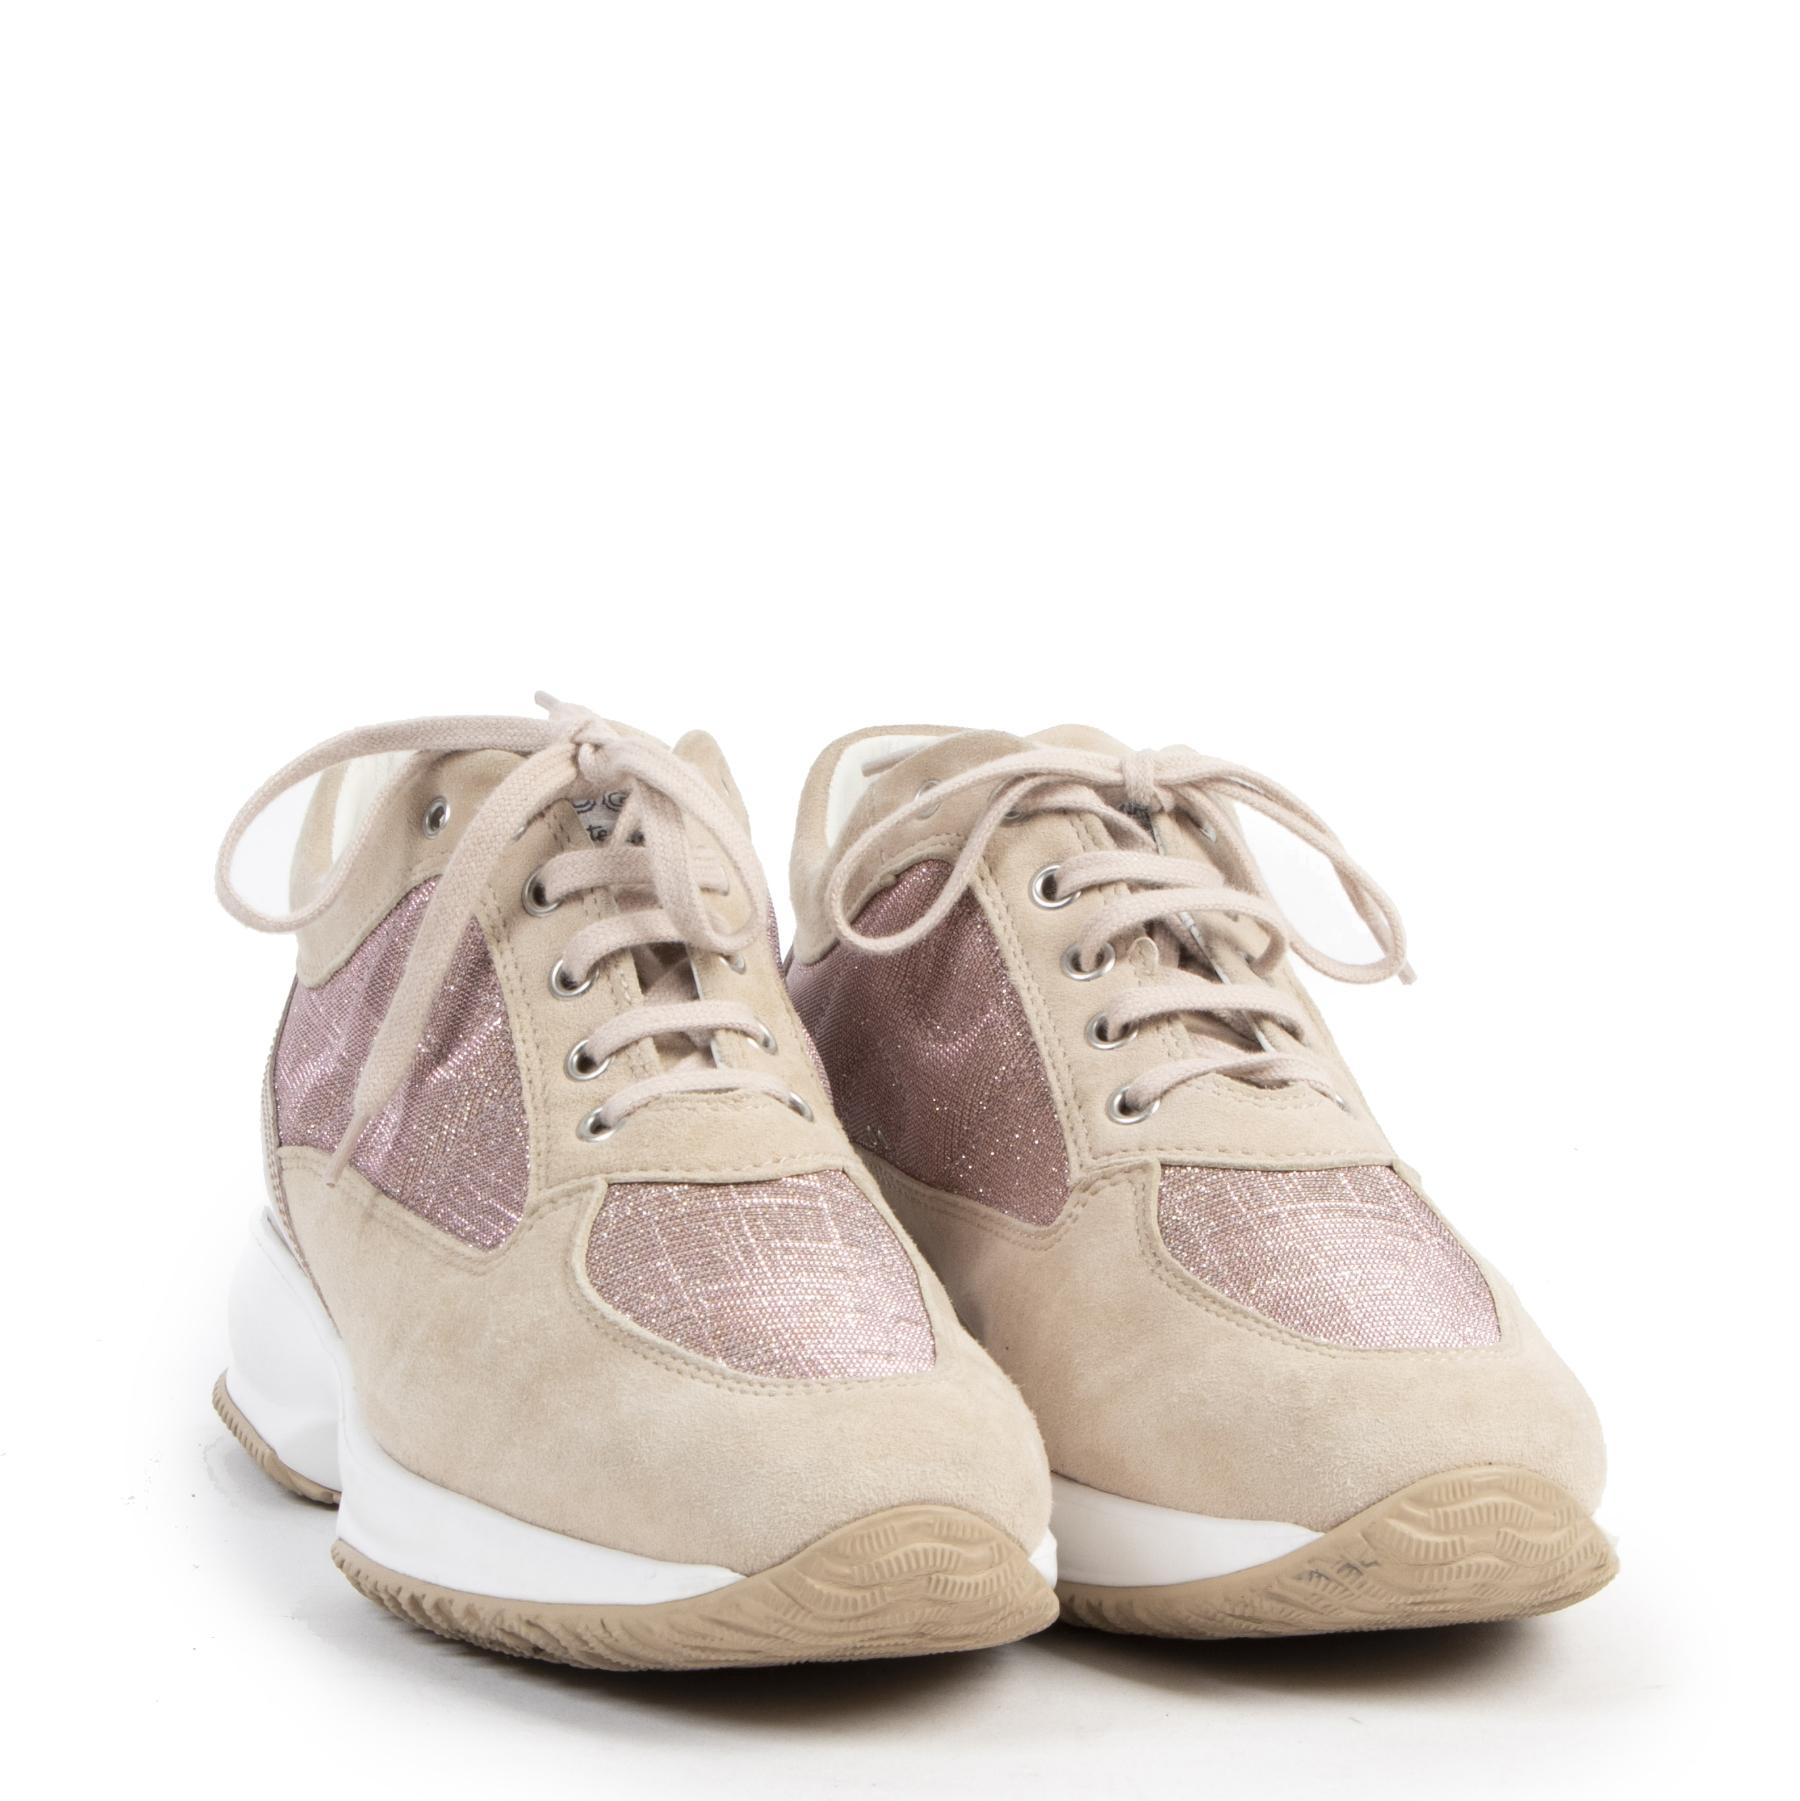 Authentieke tweedehands vintage Hogan Suede Pink Interactive Sneakers - Size 39,5 koop online webshop labelLOV